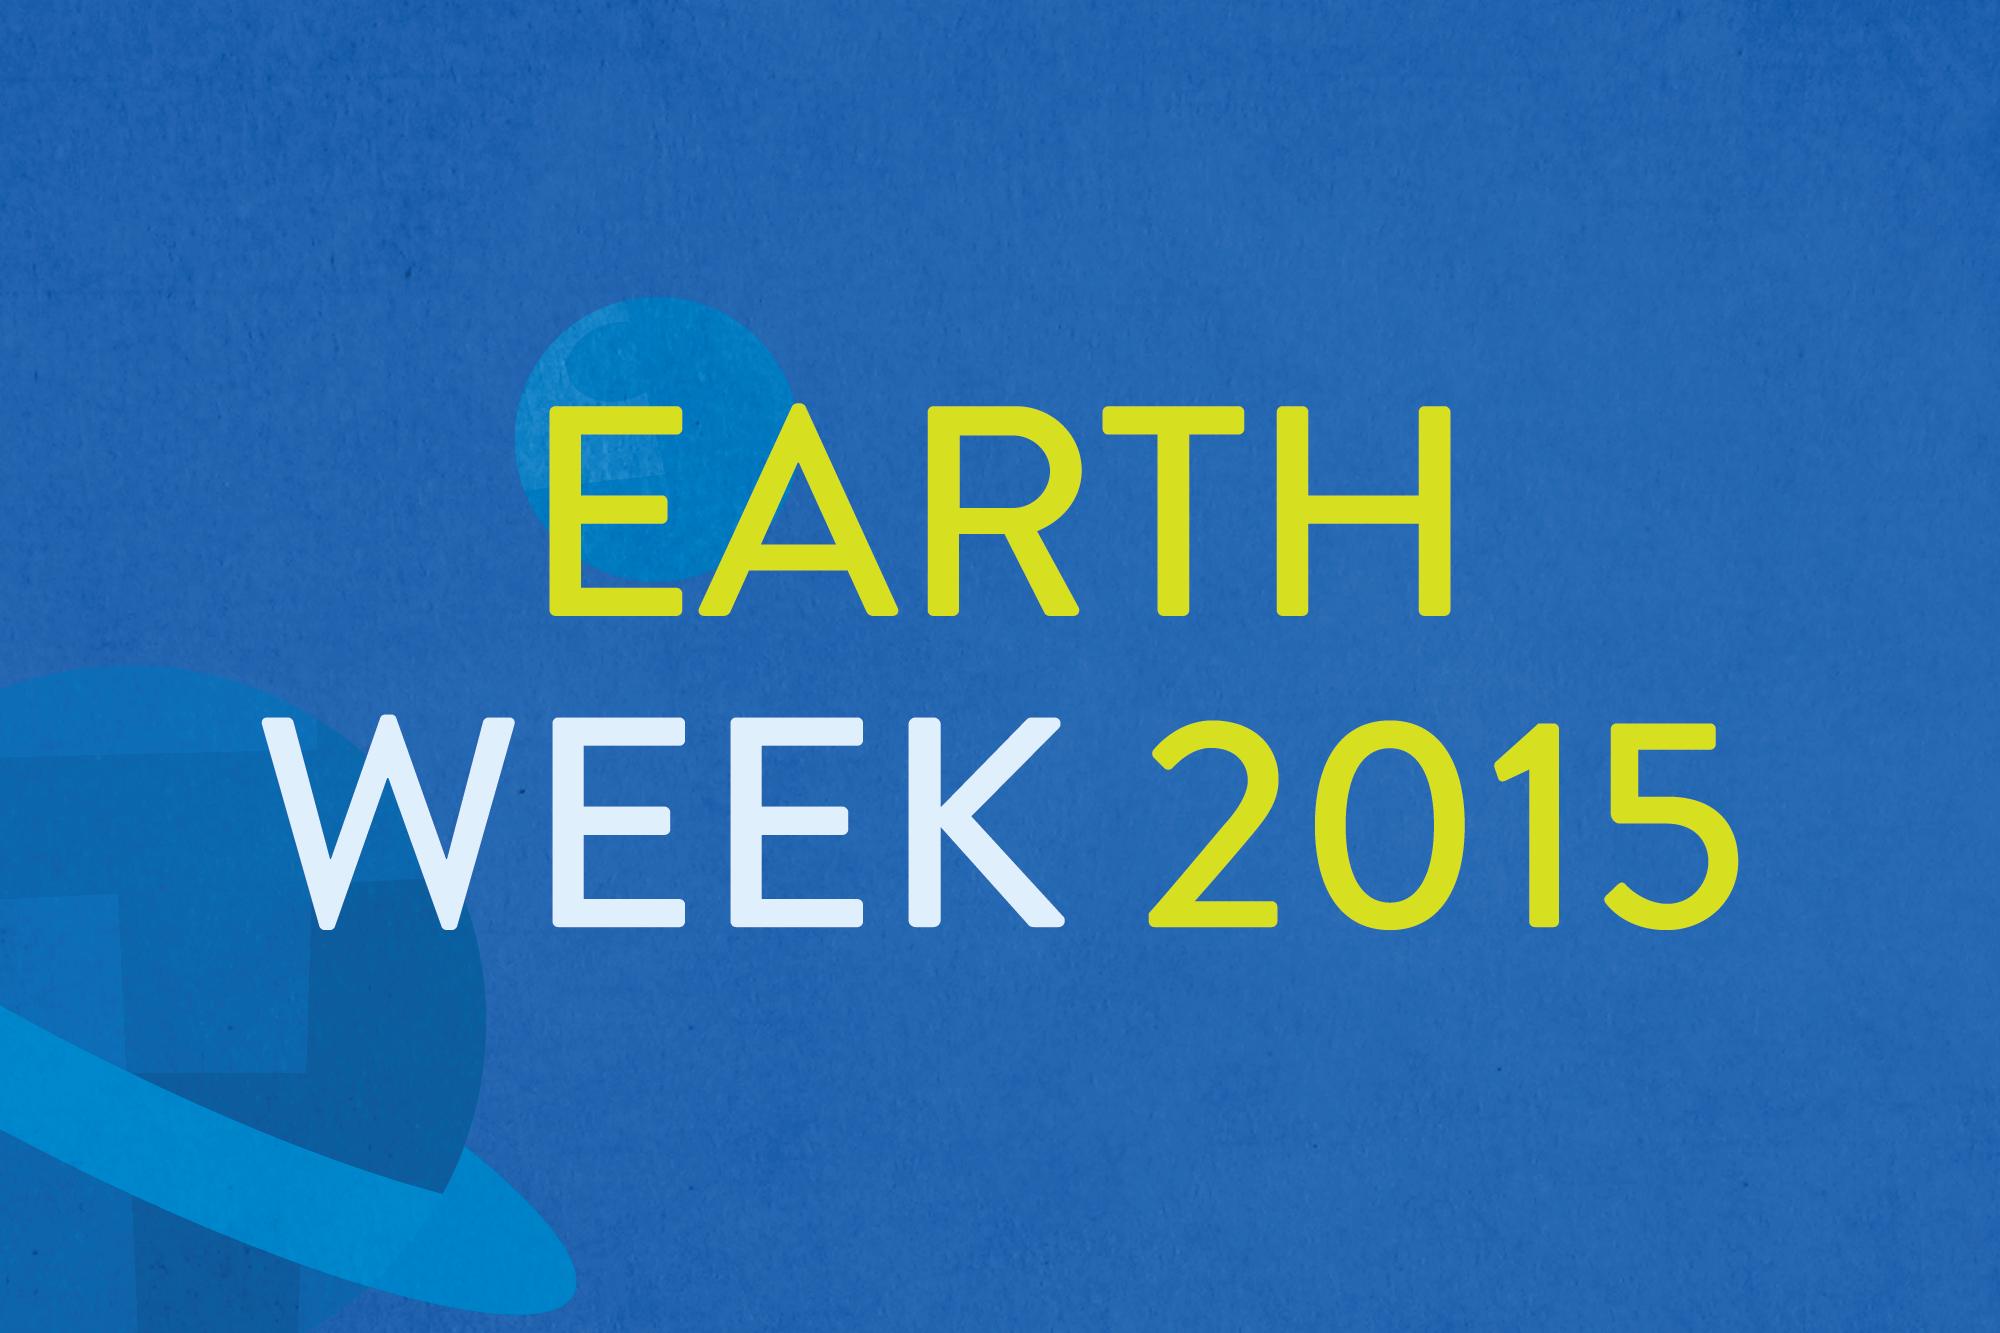 Earth Week 2015